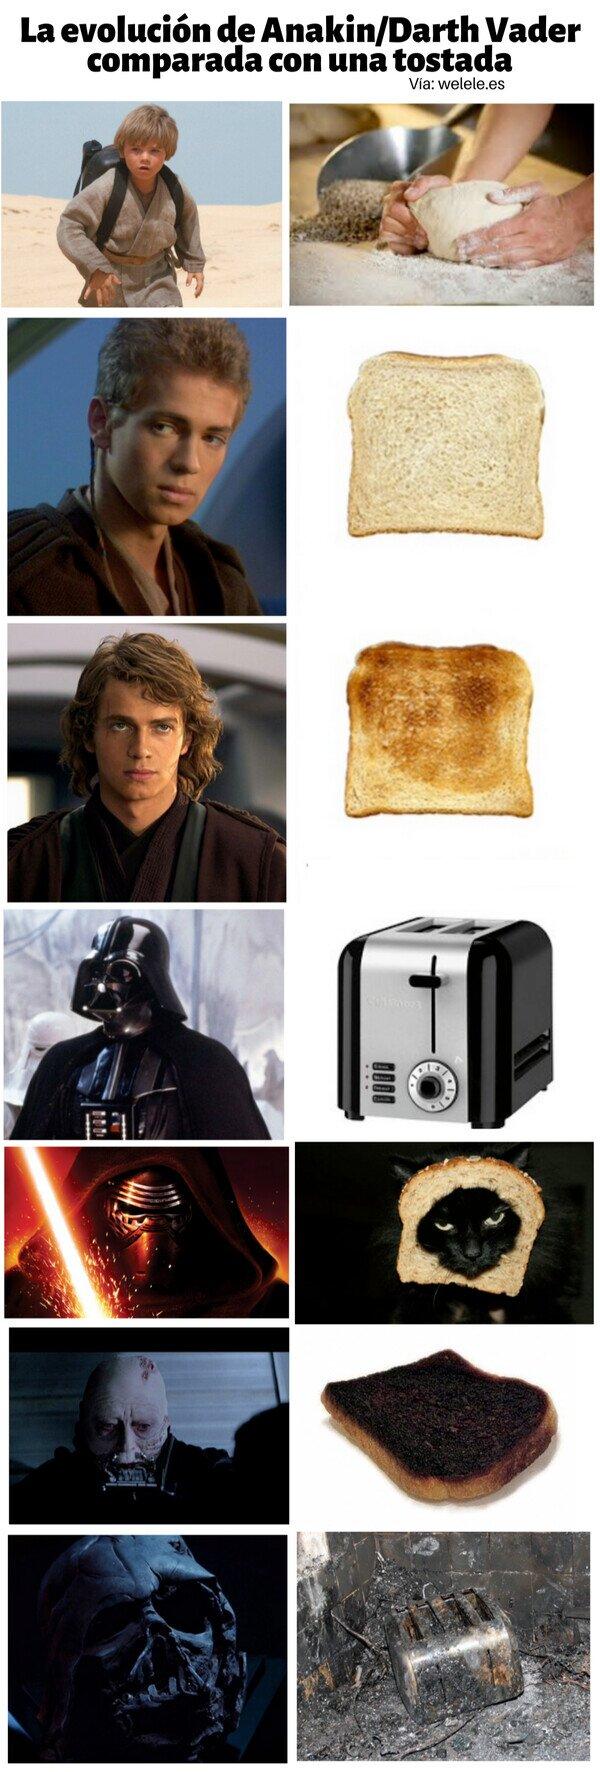 Meme_otros - La evolución de Anakin/Darth Vader comparada con una tostada